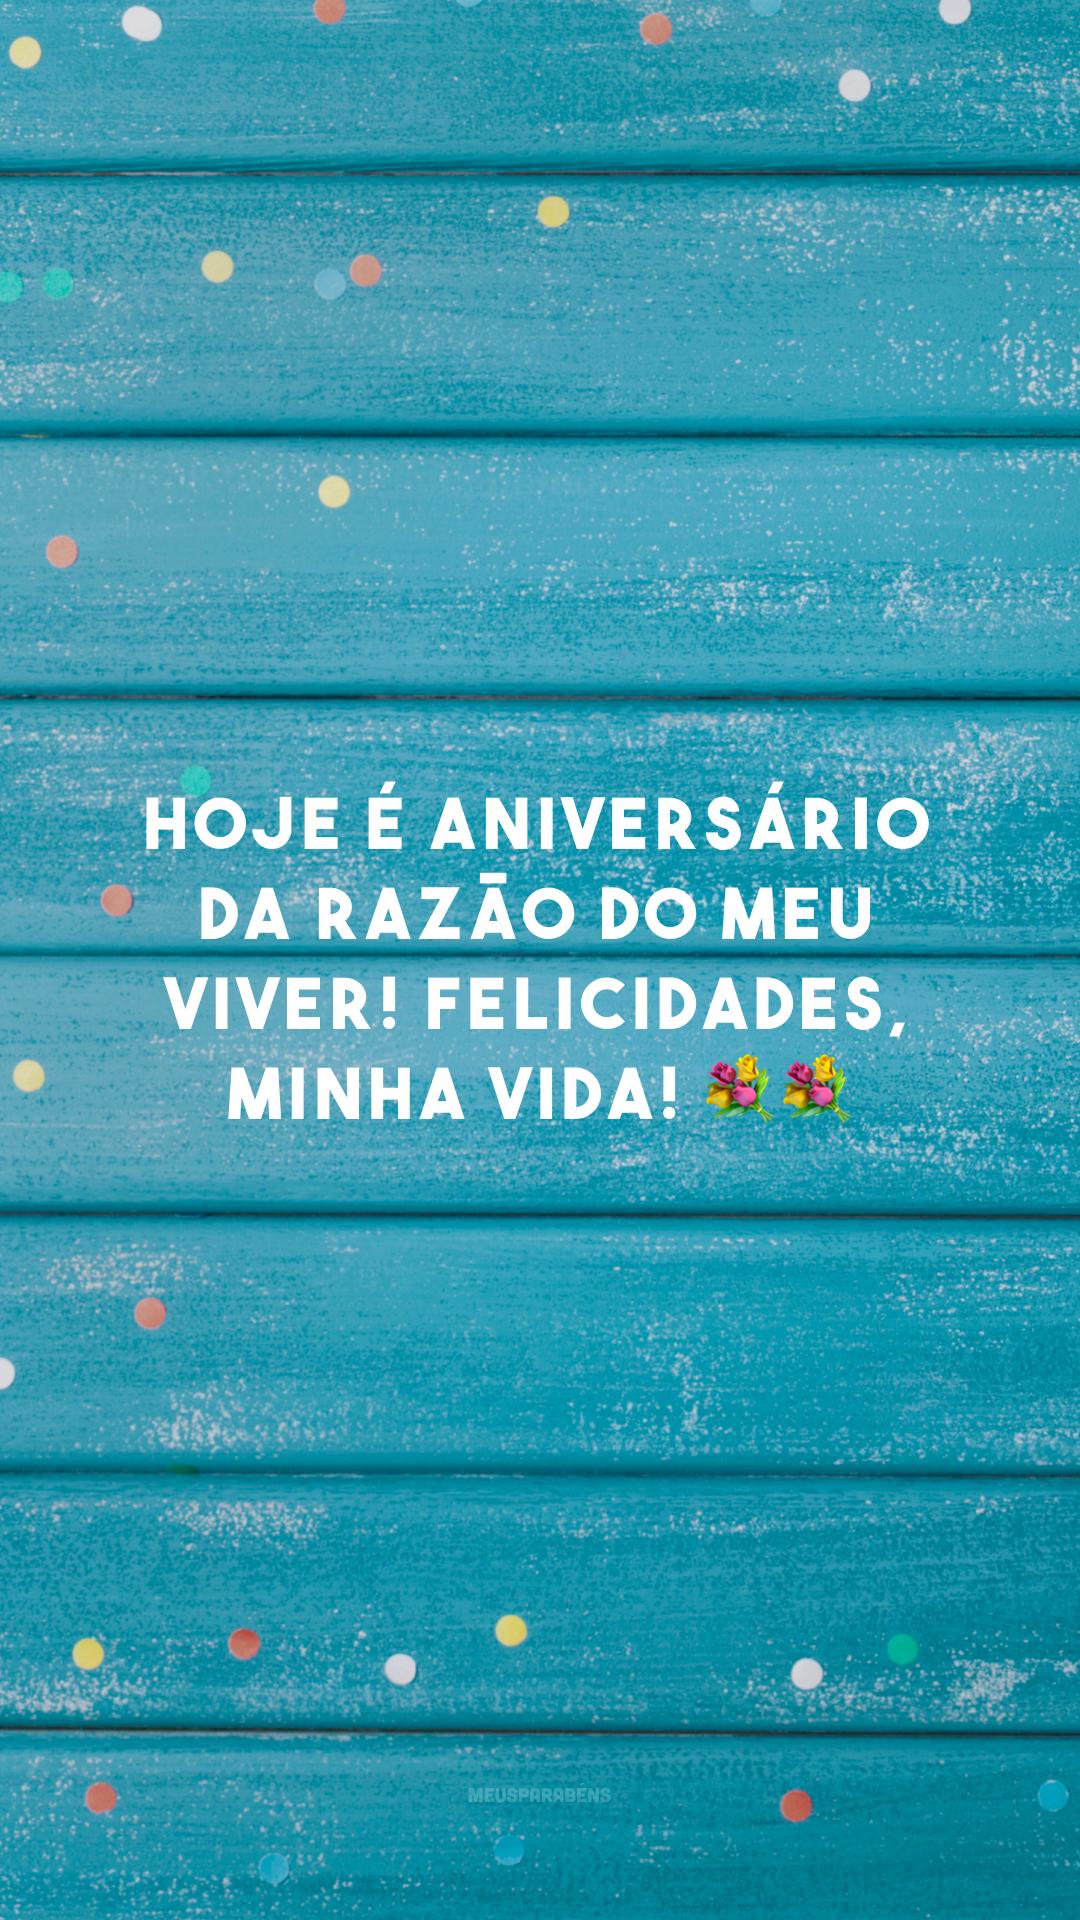 Hoje é aniversário da razão do meu viver! Felicidades, minha vida! 💐💐